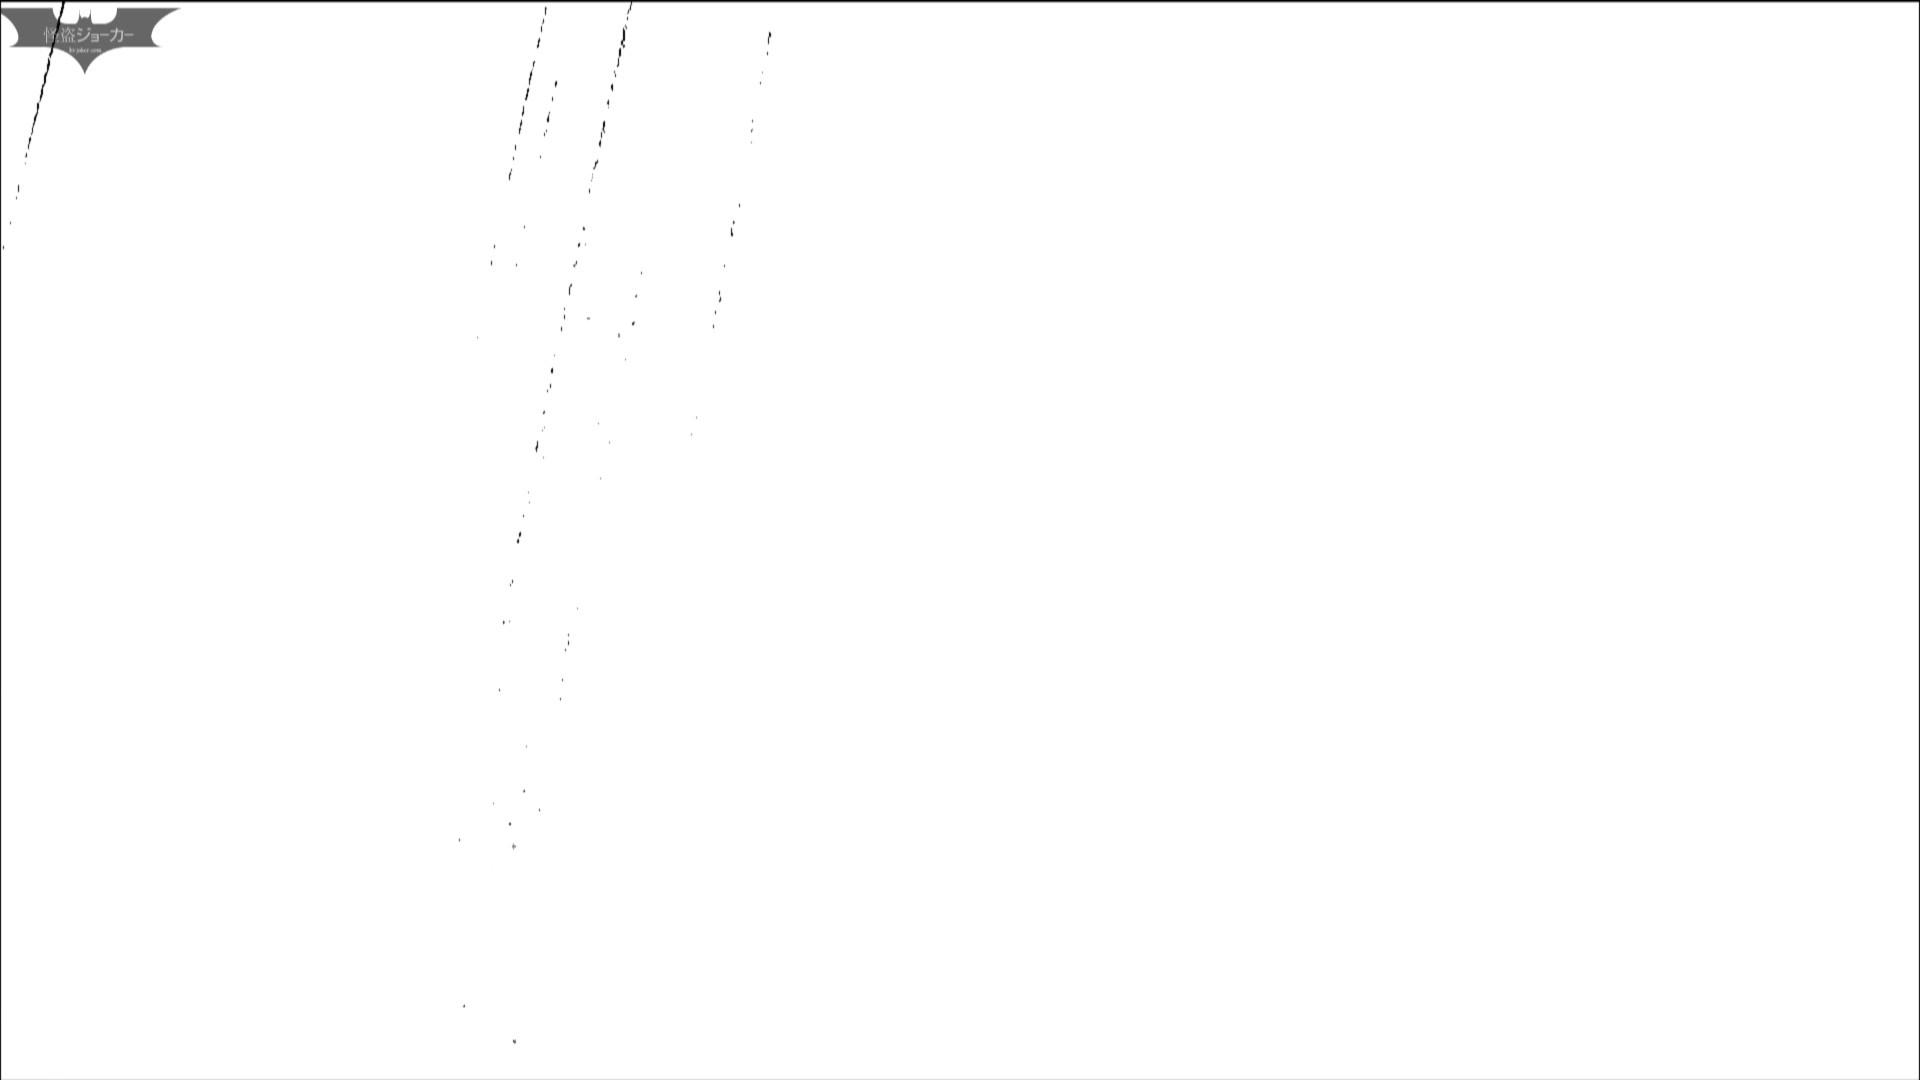 マンコ丸見え!第三体育館潜入撮File005 お願い入ってきて!! 潜入 すけべAV動画紹介 106画像 106